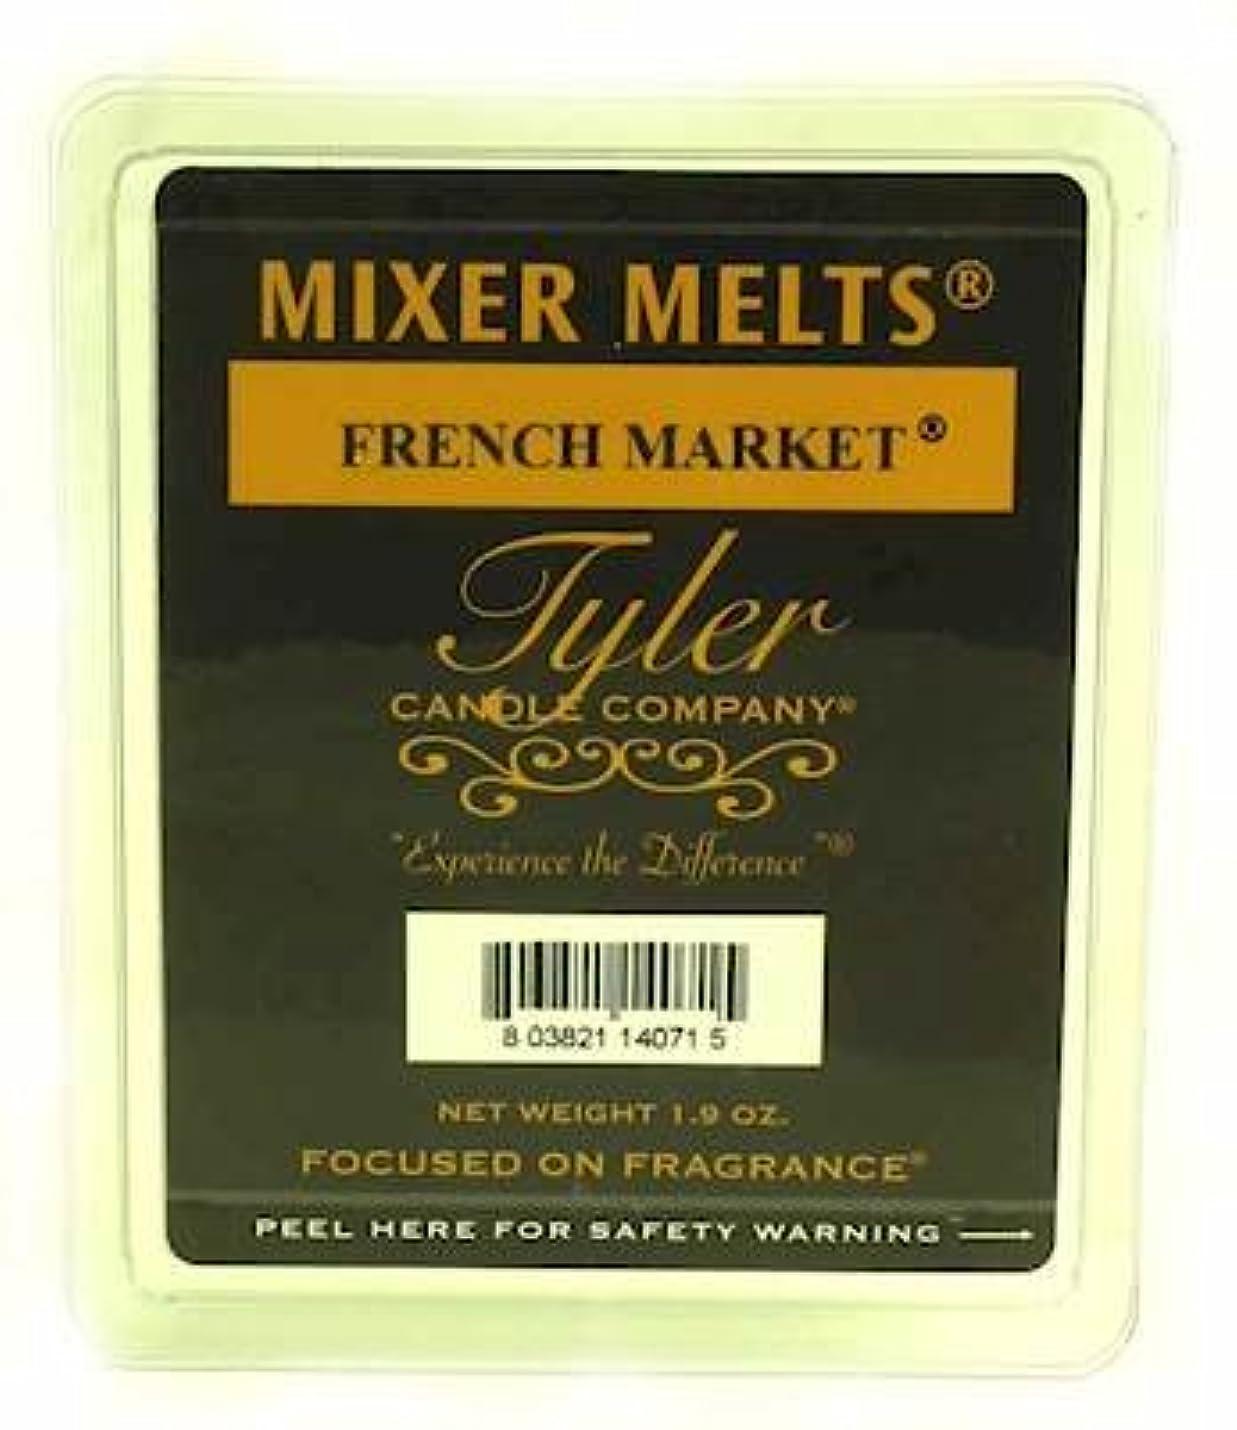 間違えた本気ハシーTyler Candles Mixer Melts - French Market by Tyler Company